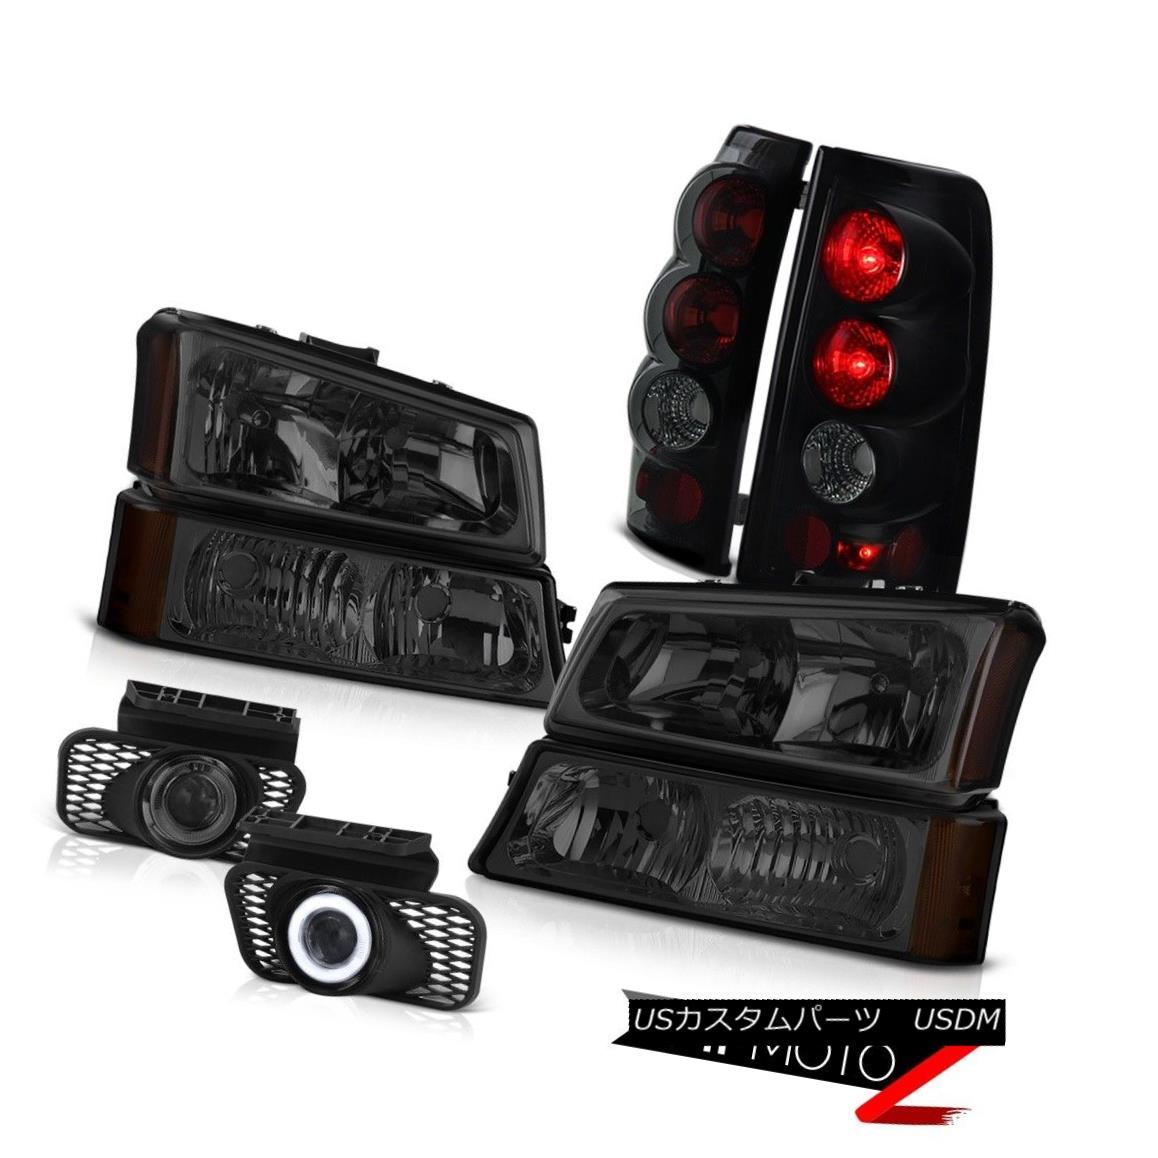 テールライト PAIR Headlights Smoke+Black Brake Tail Light Projector Foglamp Silverado 4.3L V6 PAIRヘッドライトスモーク+ブラックブレーキテールライトプロジェクターFoglamp Silverado 4.3L V6